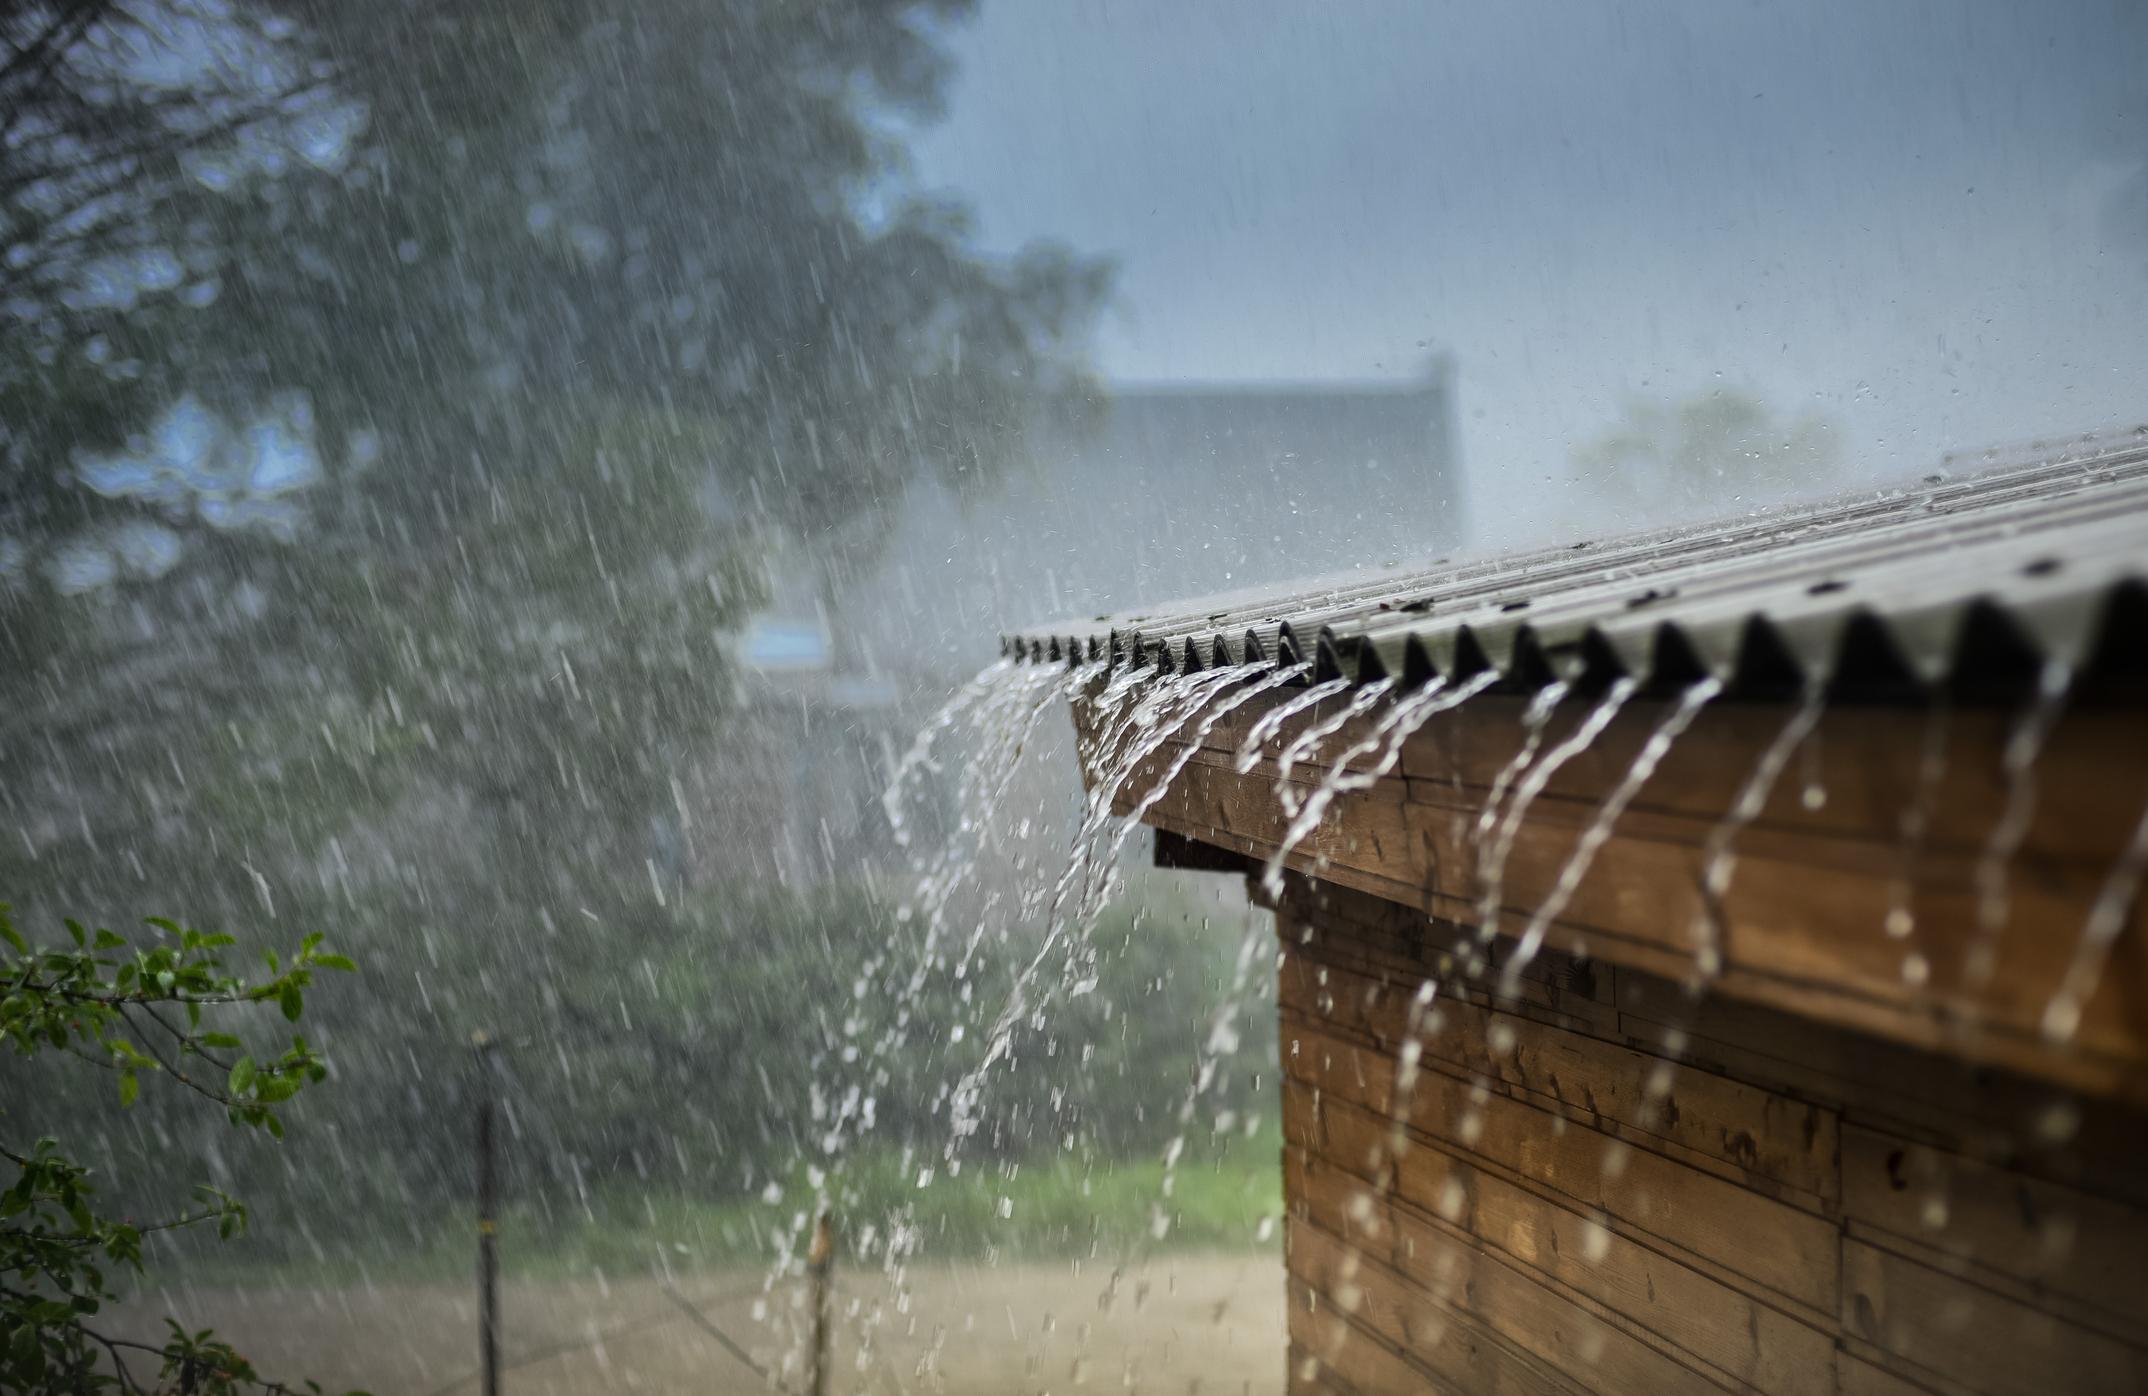 बिहार में फिर भारी बारिश का पूर्वानुमान, मौसम विभाग ने कई जिलों के लिए जारी किया अलर्ट समस्तीपुर Town